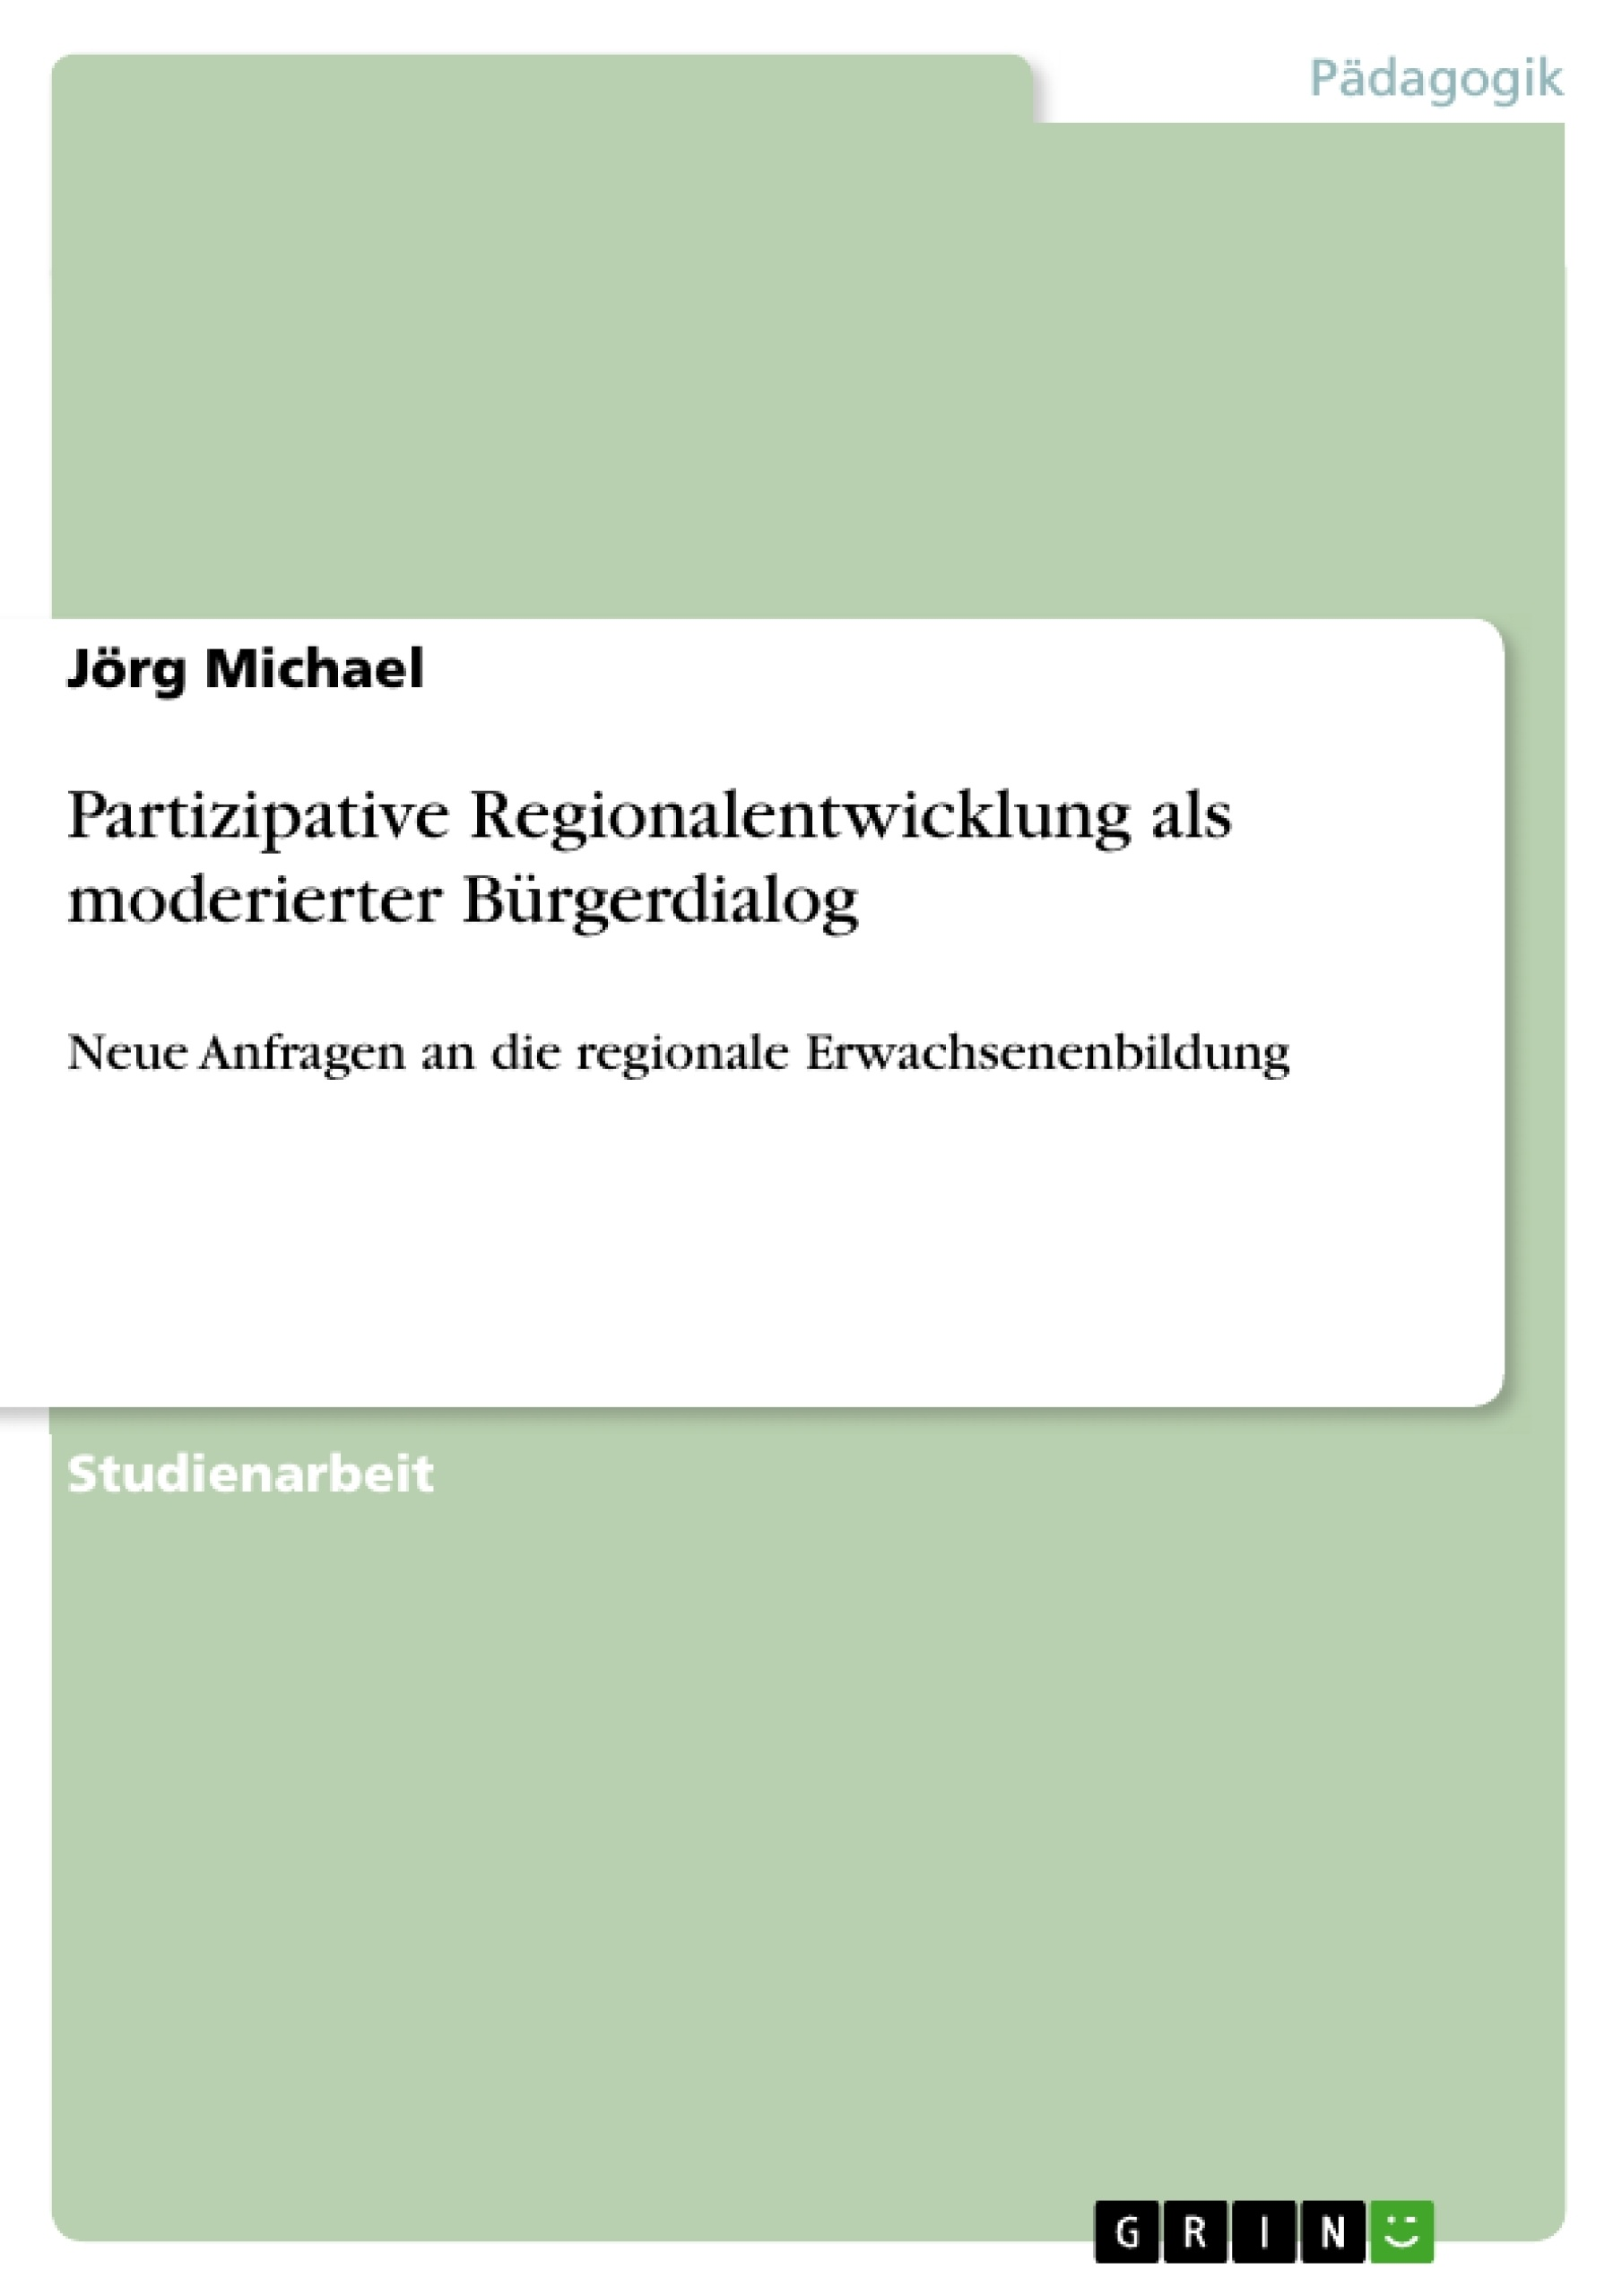 Titel: Partizipative Regionalentwicklung als moderierter Bürgerdialog